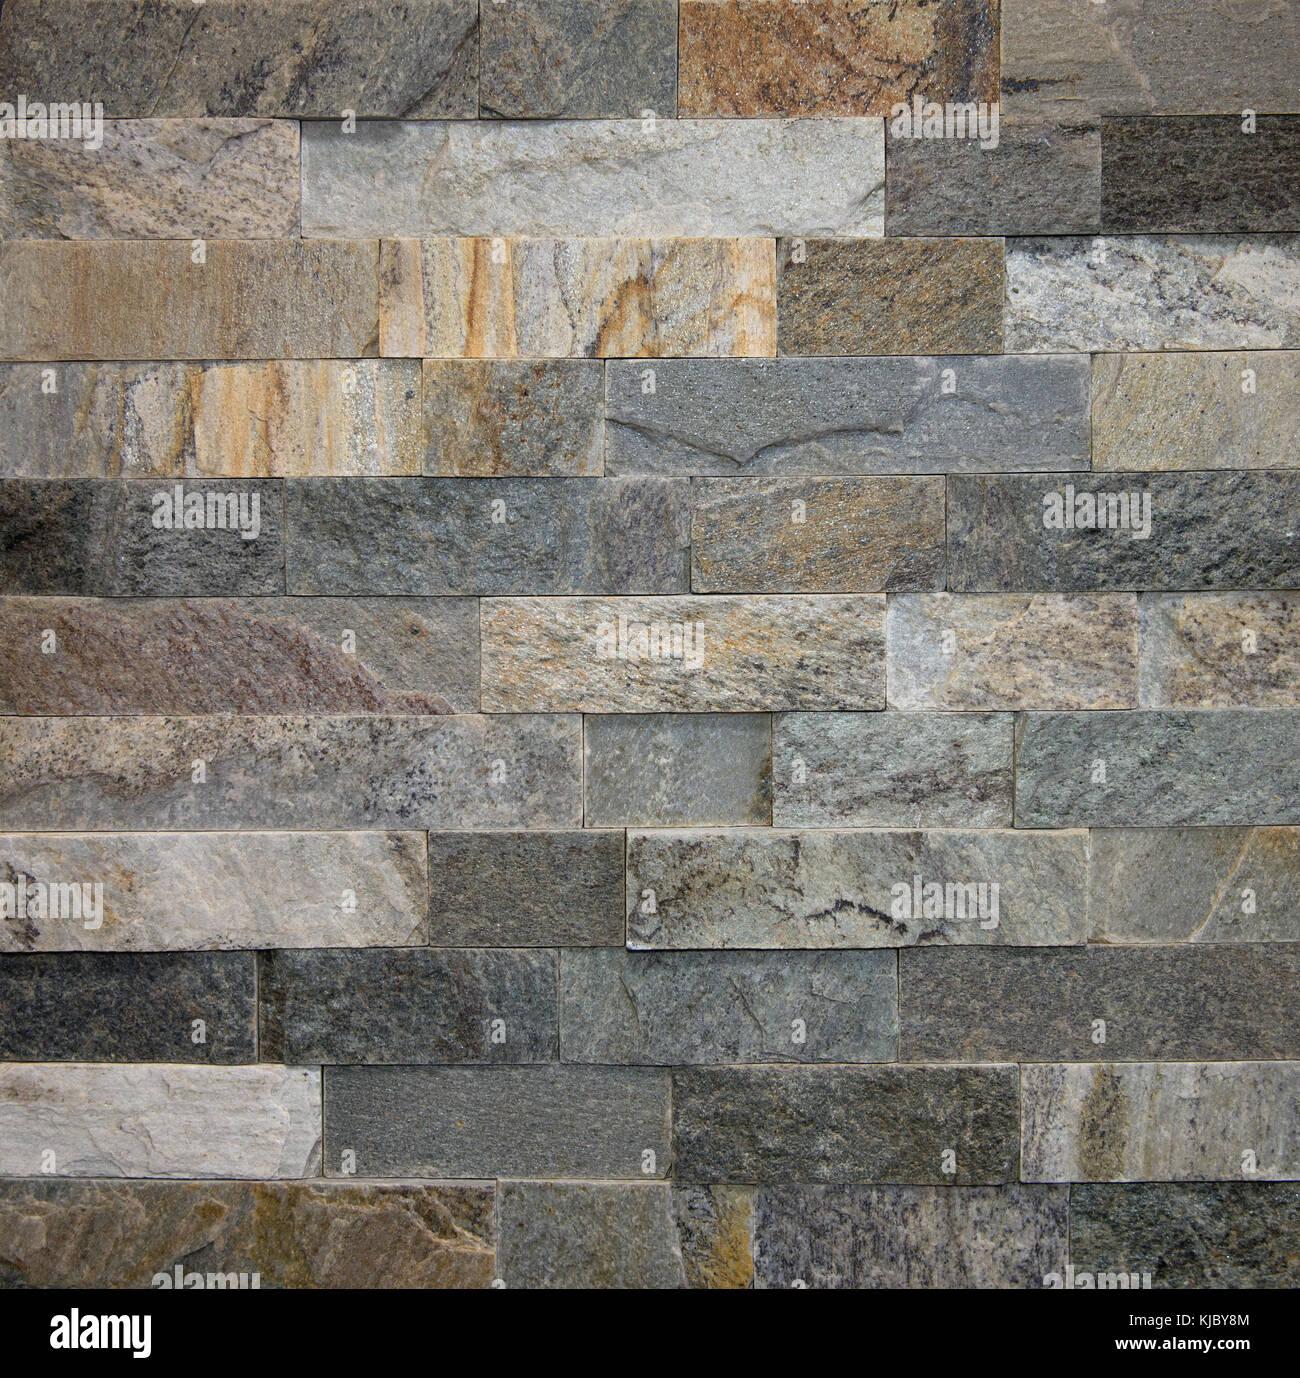 Cool la pietra naturale brick parete in pietra texture - Parete di pietra ...